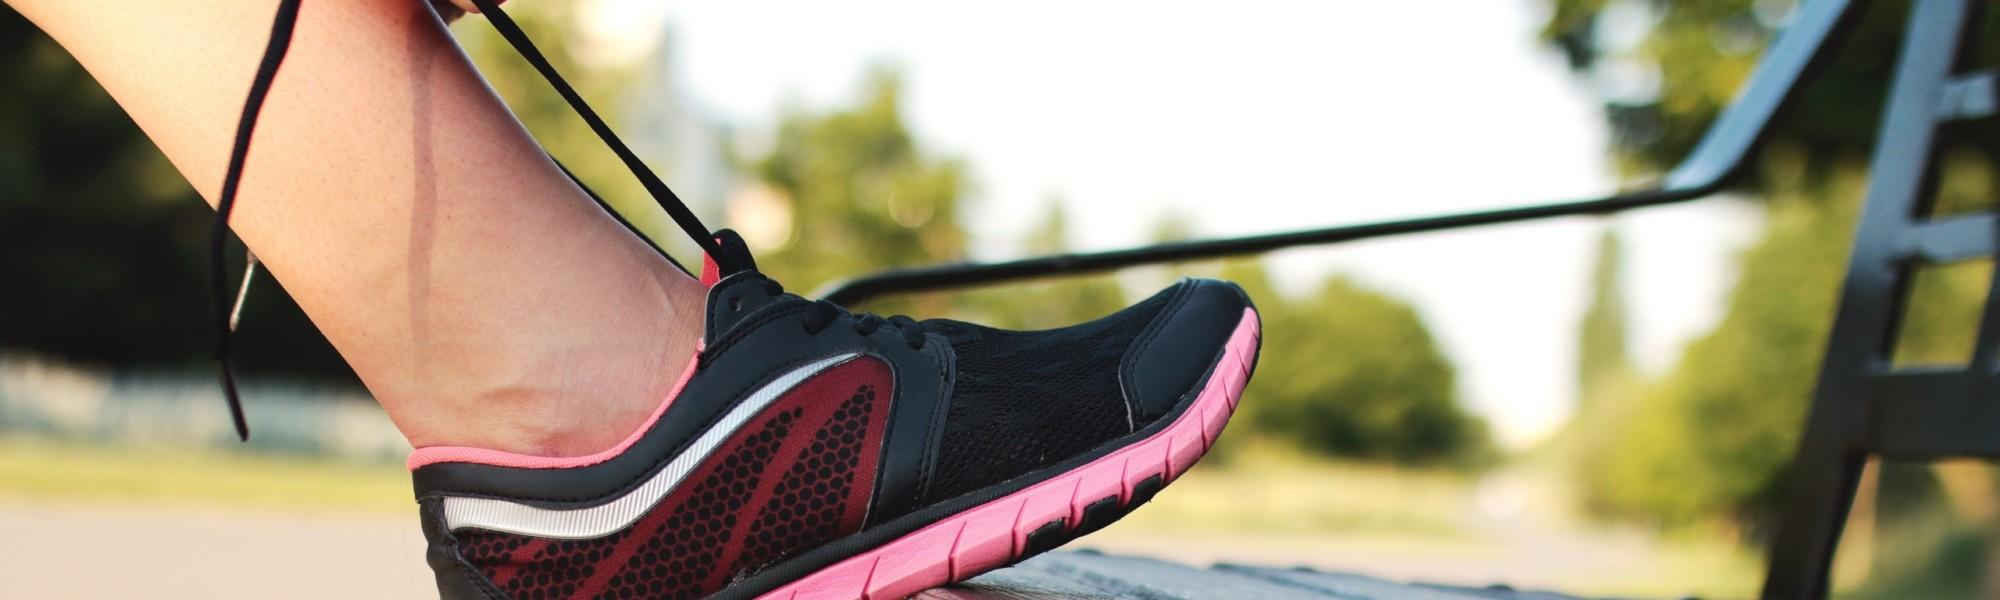 Kuvassa jalka nostettu penkille, kädet sitovat kengännauhoja